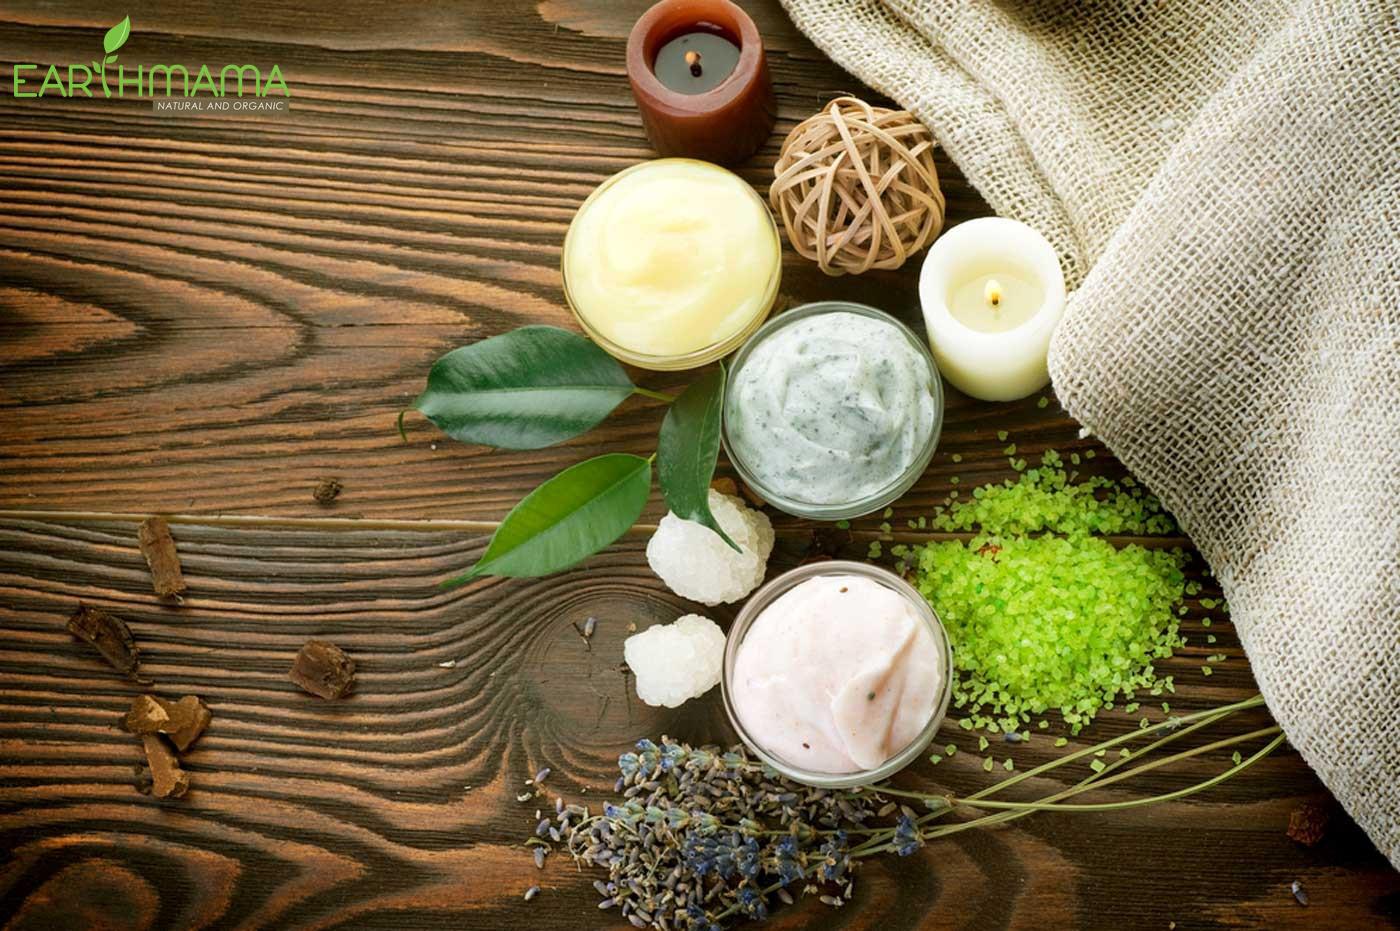 Chăm sóc sắc đẹp bằng các sản phẩm chuẩn hữu cơ